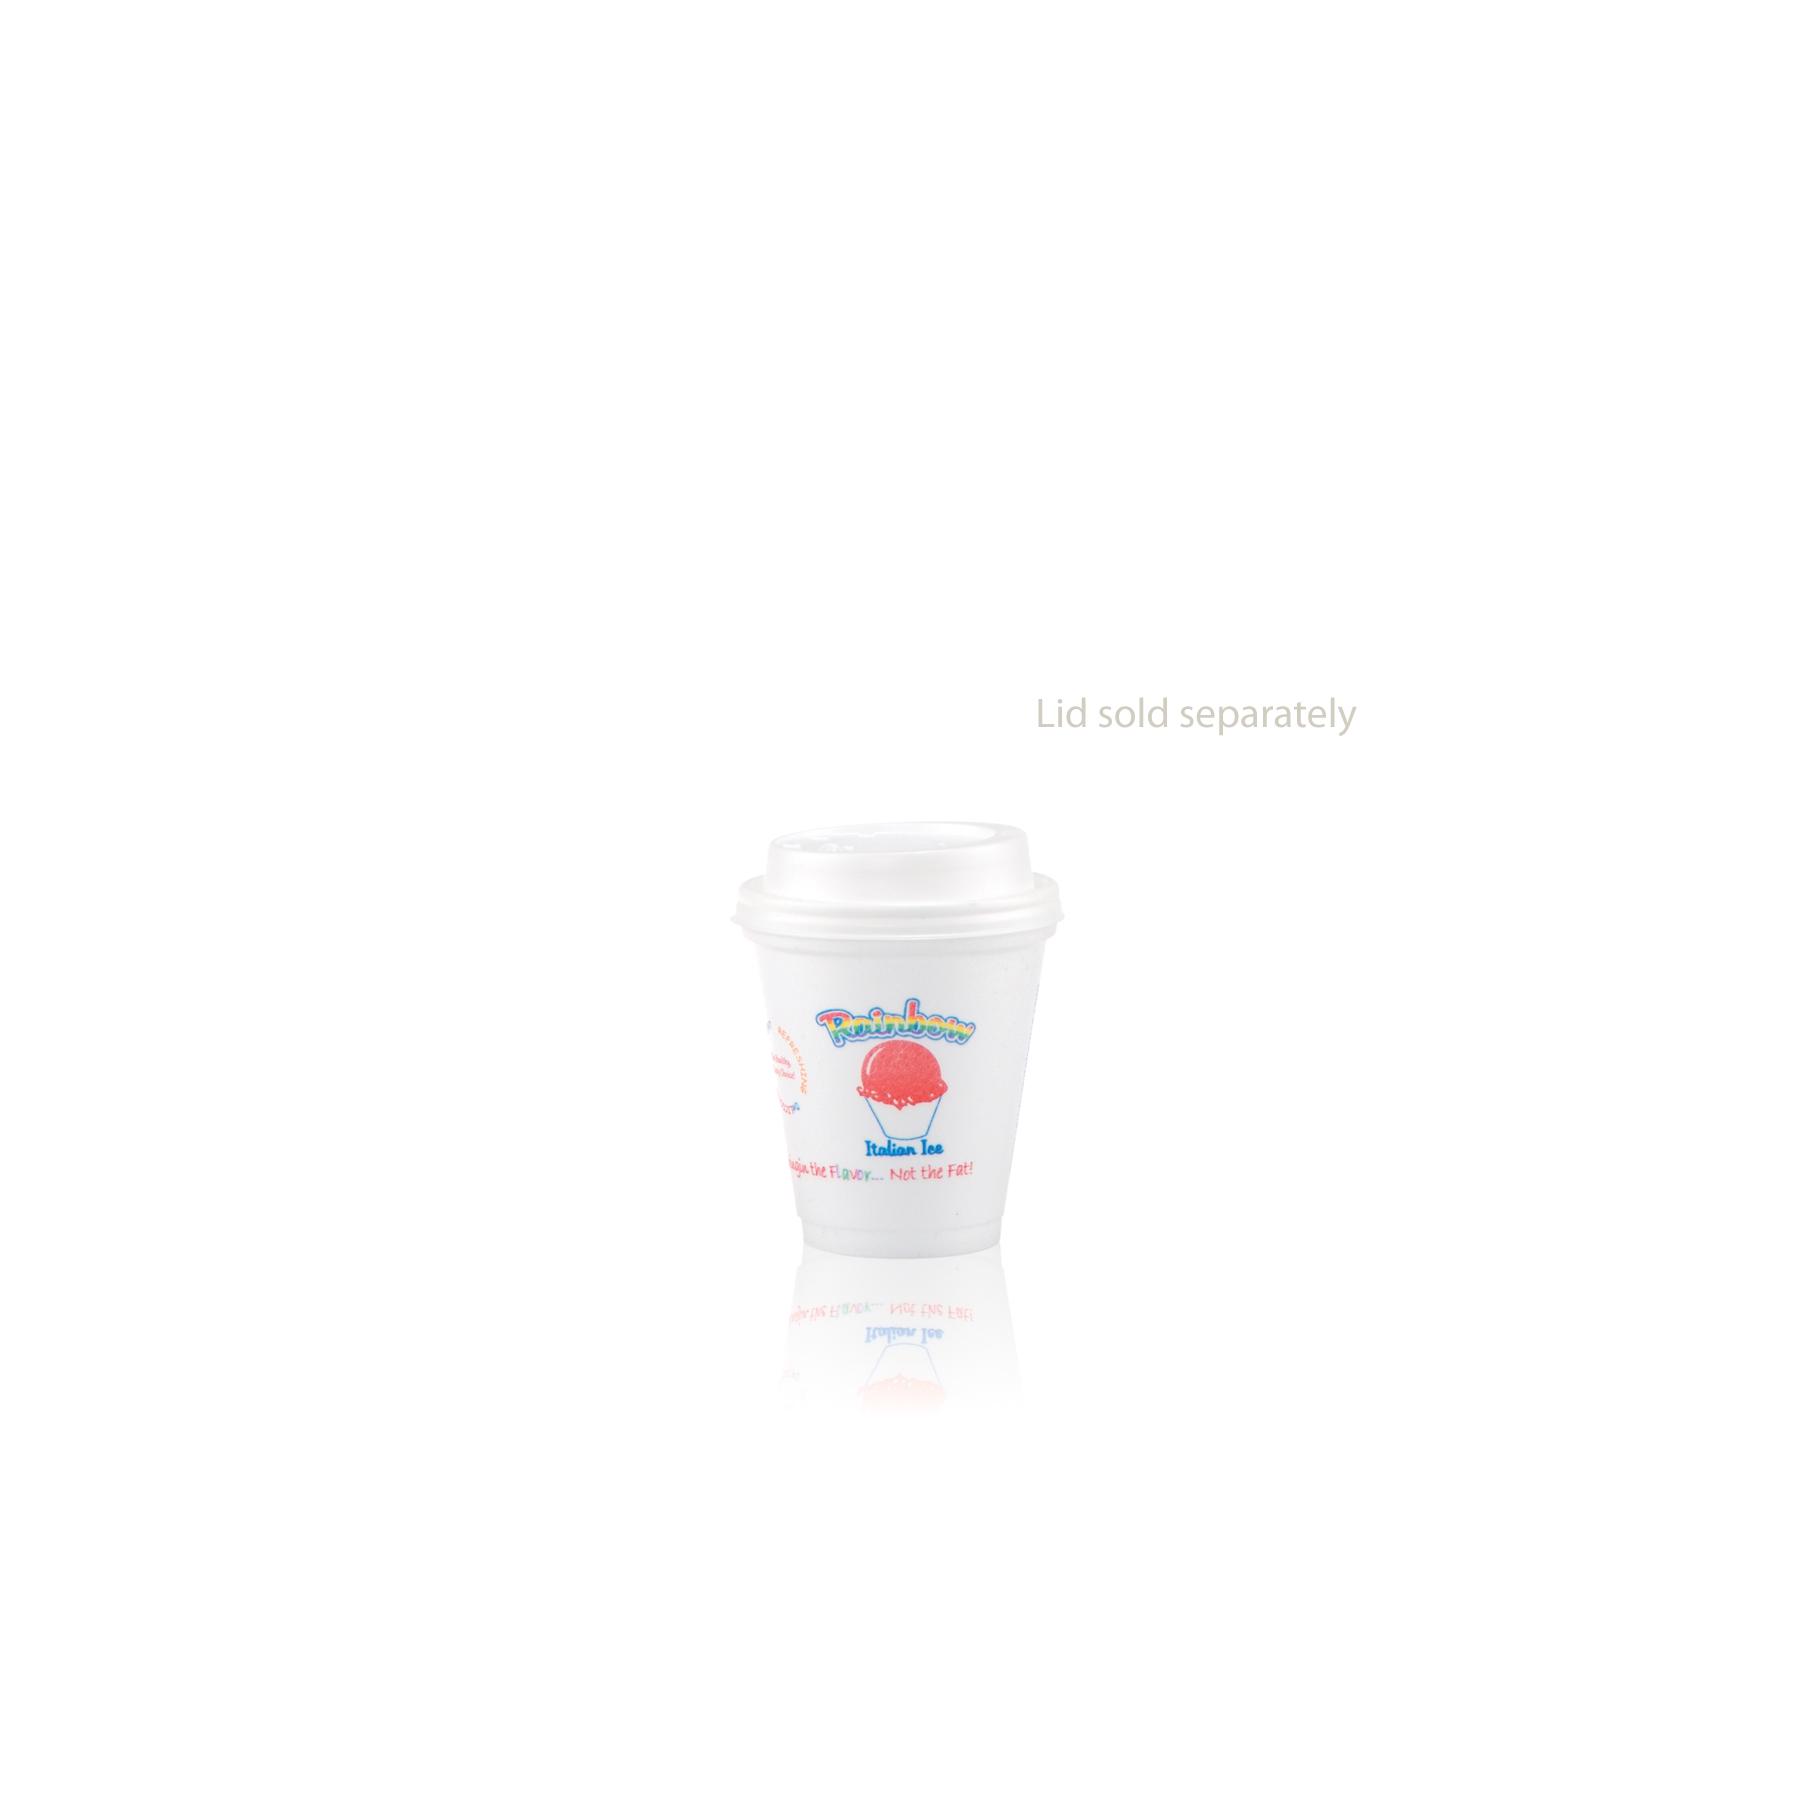 8 oz Foam Cup - White - Hi-Speed